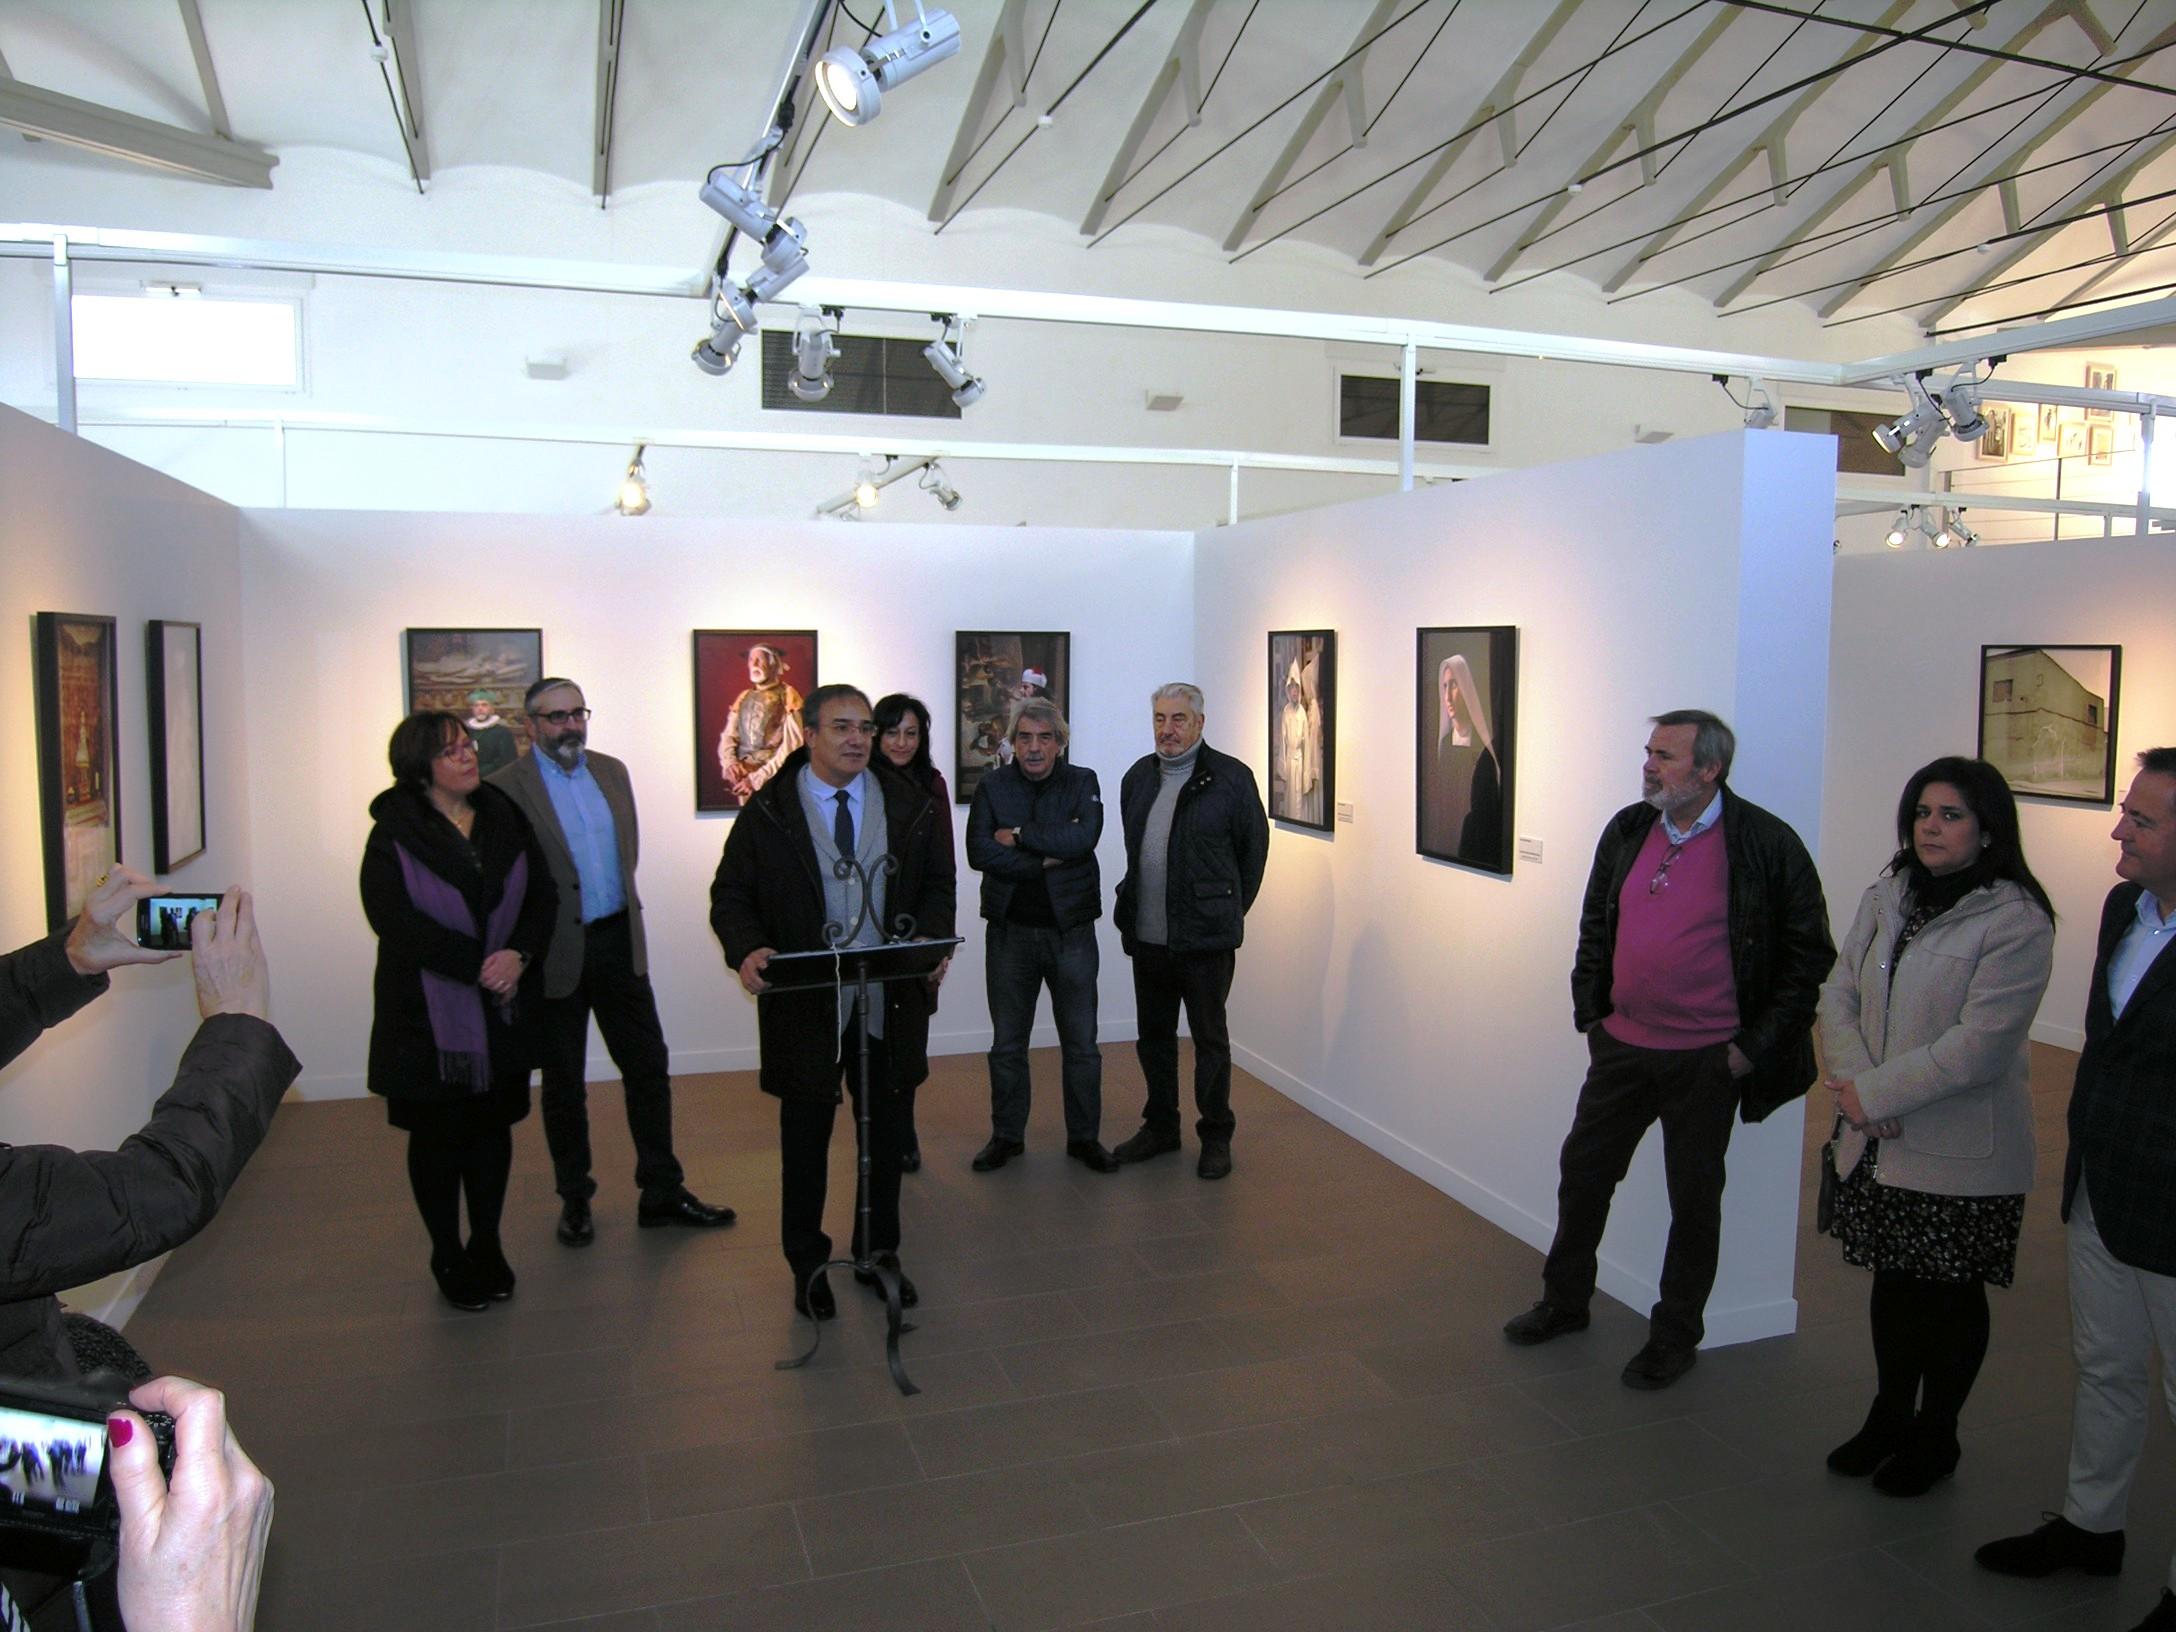 El Viceconsejero de Cultura inaugura la exposición 'El Alma de Cervantes' en el Museo El Mercado de Villanueva de los Infantes